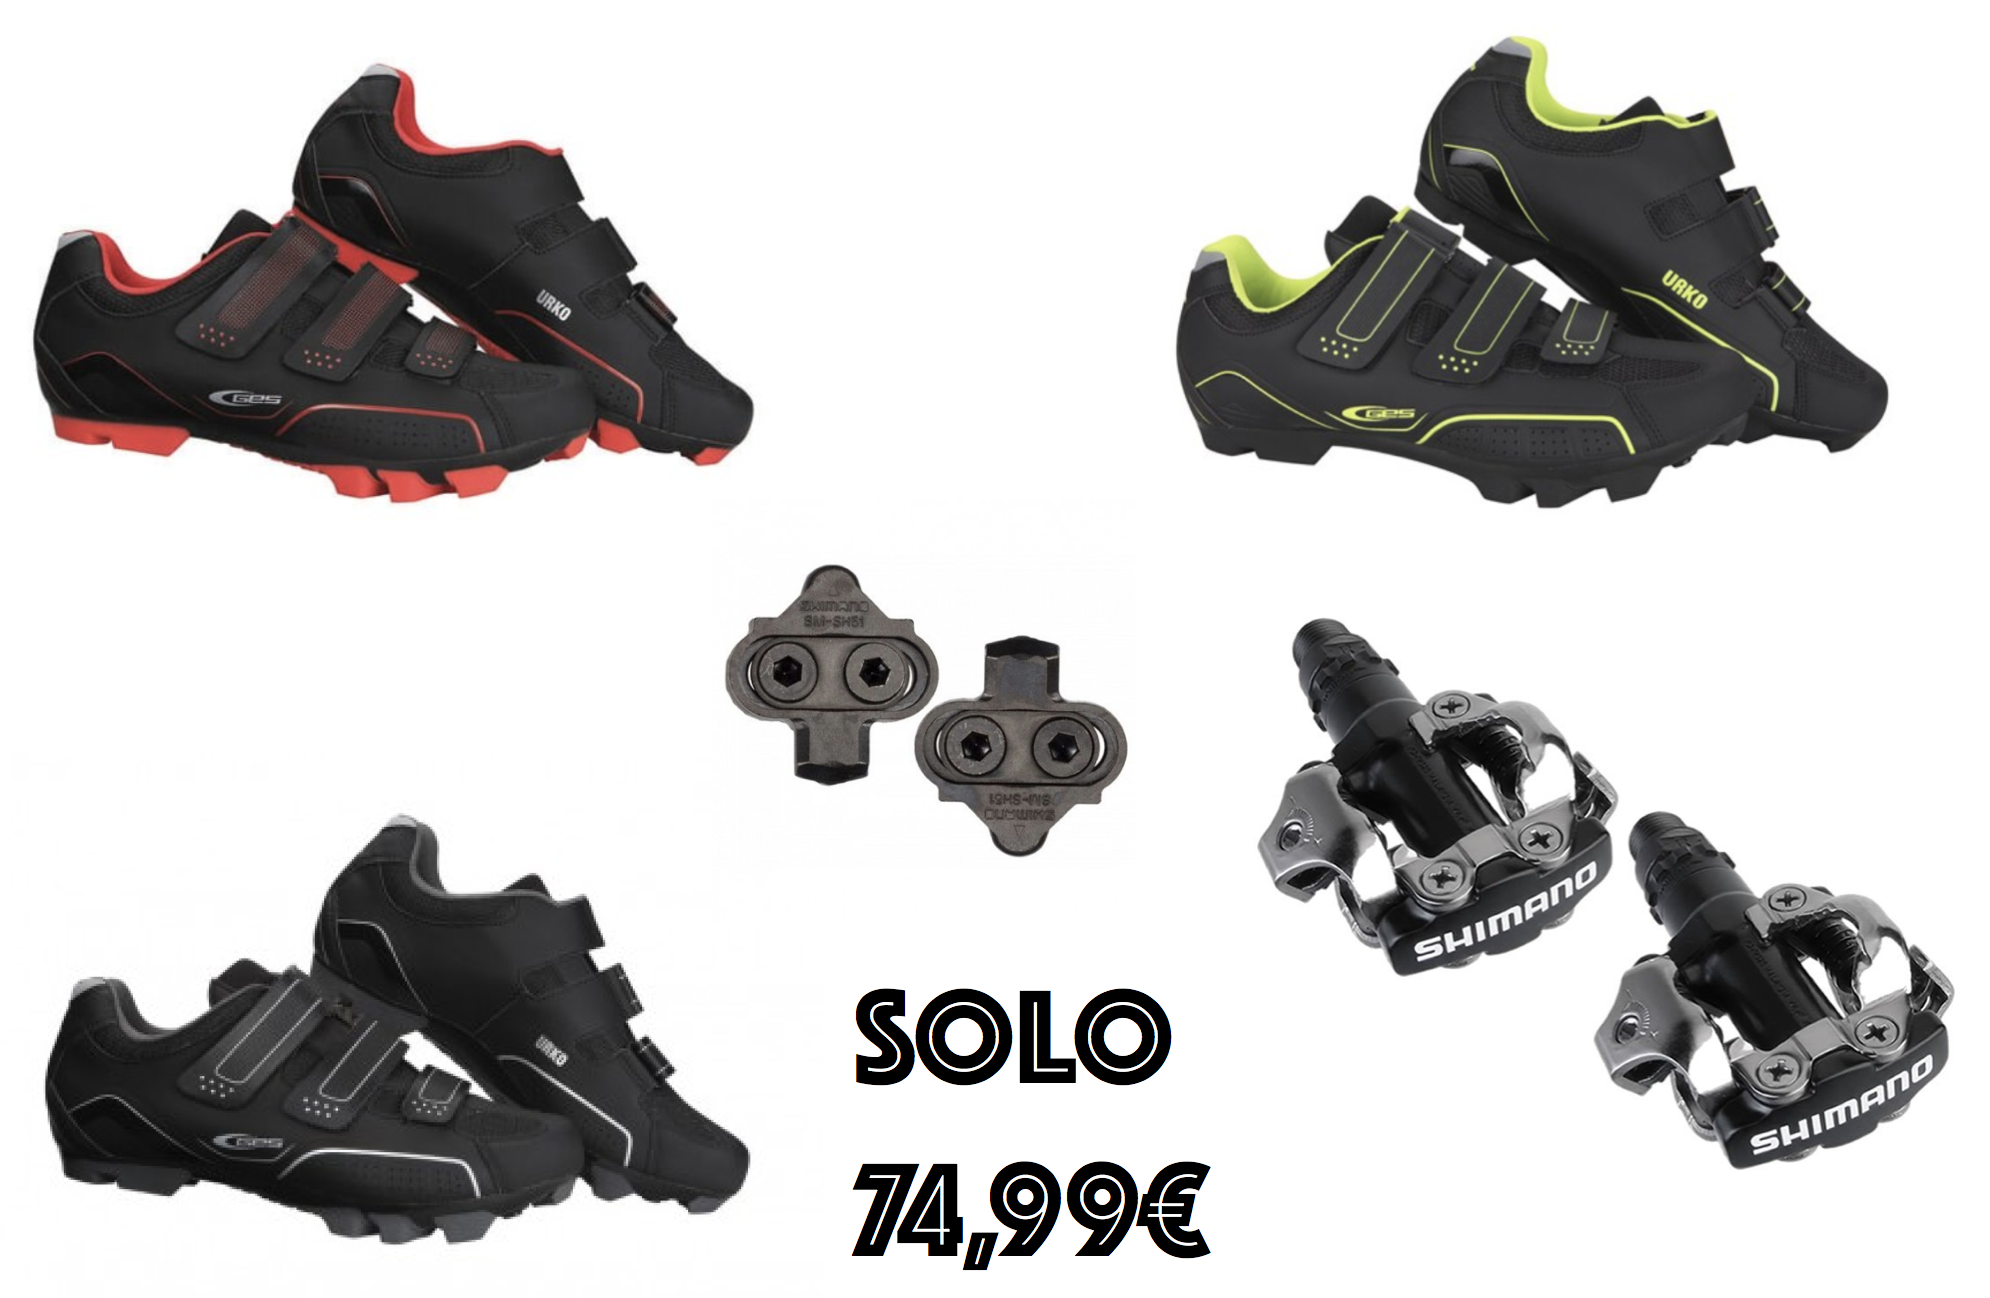 Zapatillas Mtb GES Urko 2018 68,99€ mas Pedales Shimano M520 SPD negro para MTB 39,40€ ahora solo por 74.99€